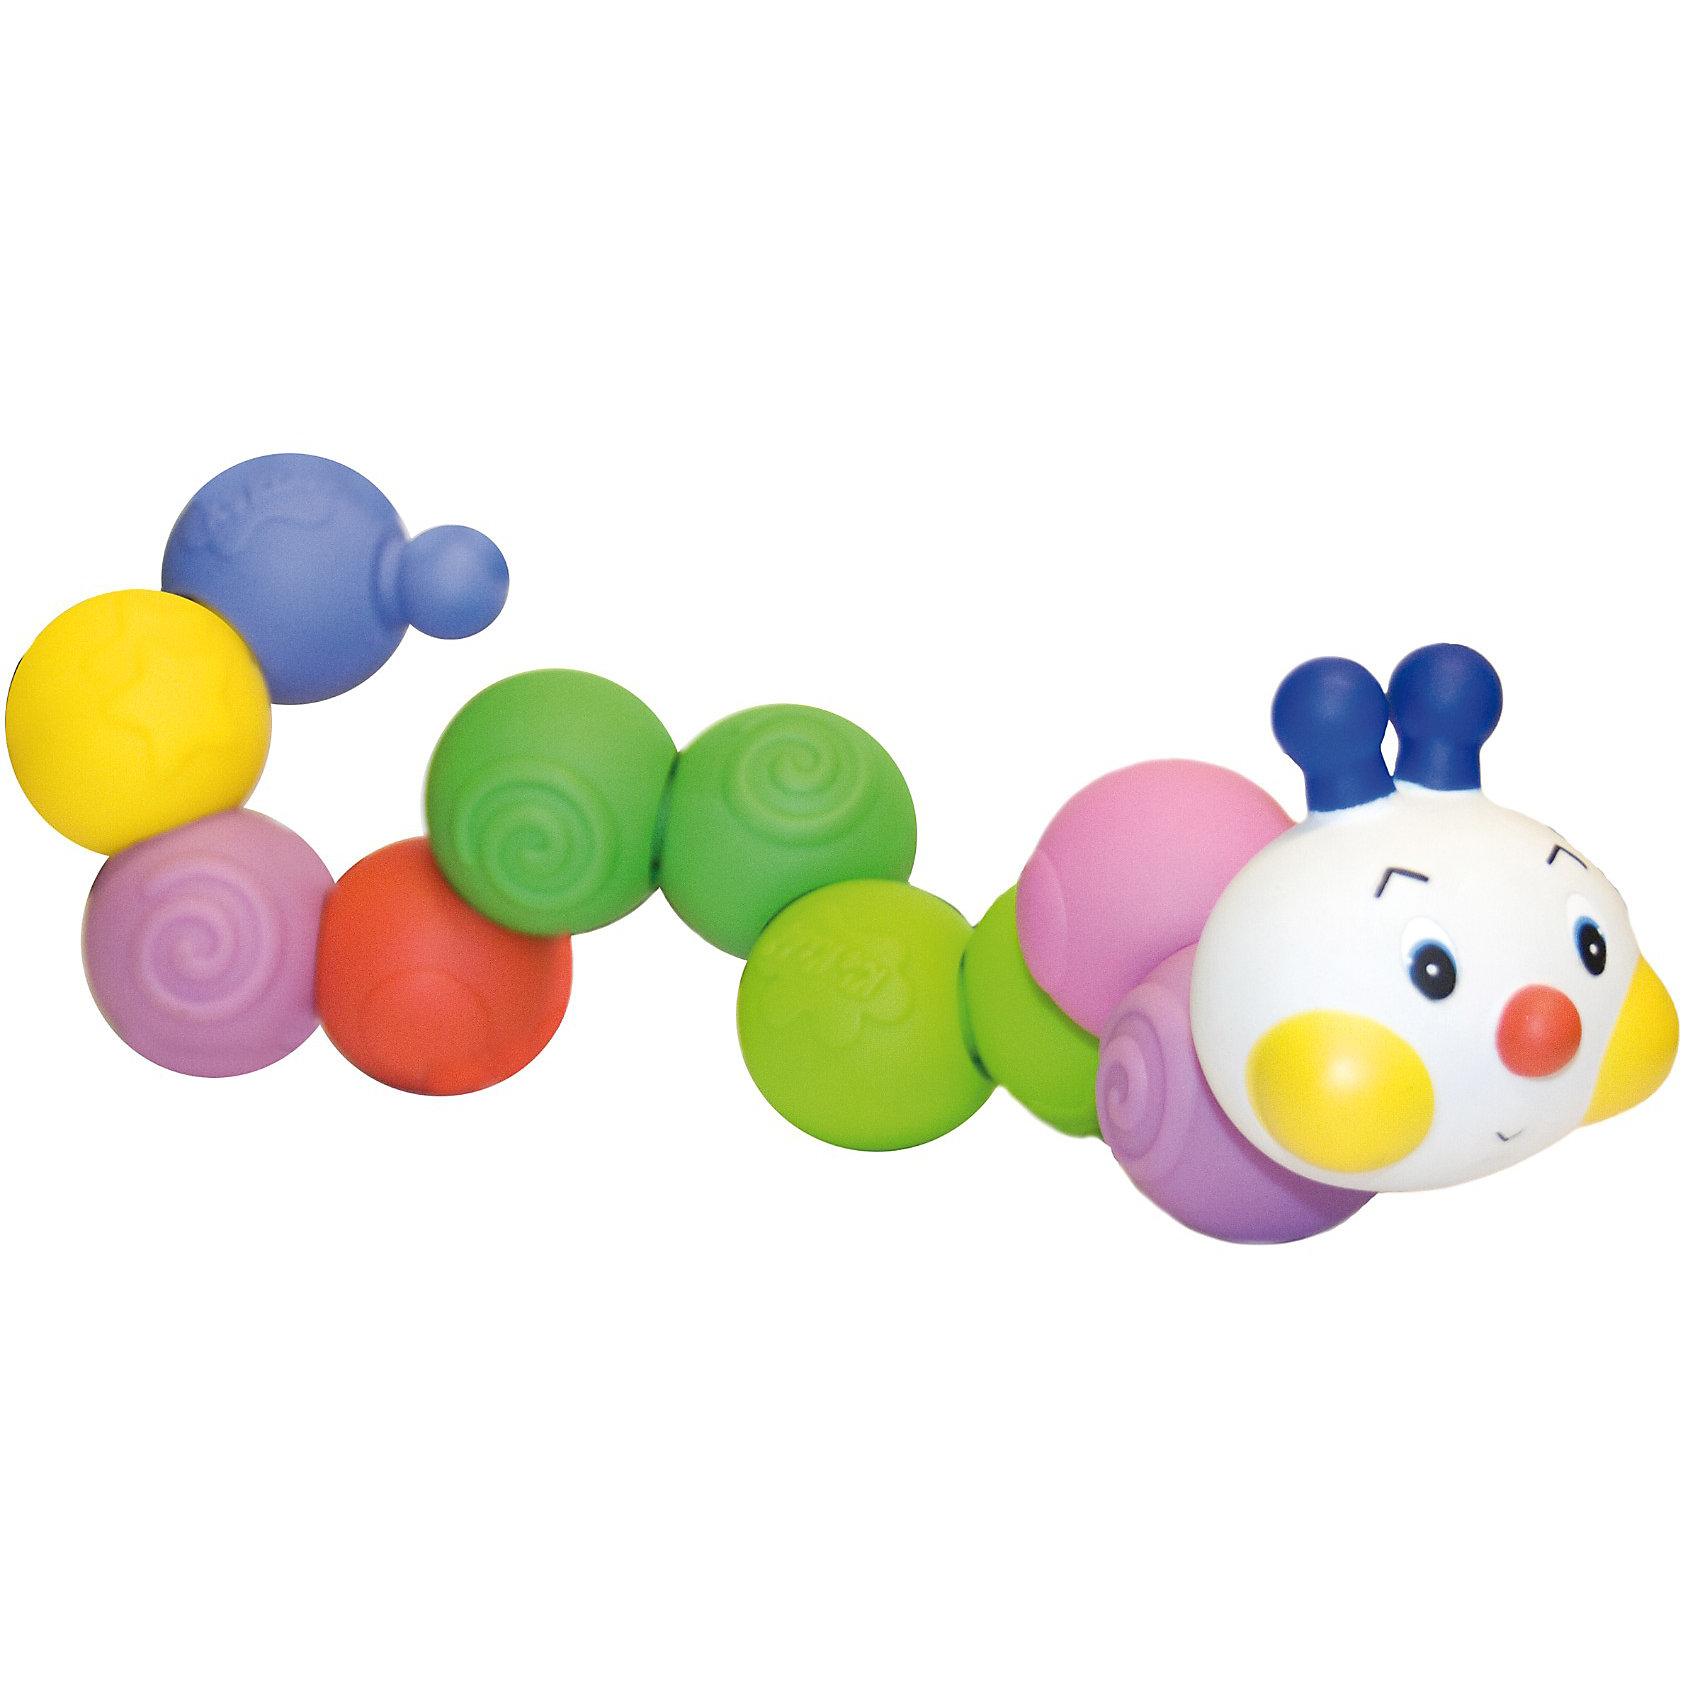 Сортер ГусеничкаСортер Гусеничка - яркая и красочная развивающая игрушка-конструктор для малышей от 6 месяцев.<br>Сортер состоит из цветных резиновых шариков, соединяющихся друг с другом в любой последовательности. Игрушку можно собирать и разбирать снова и снова!<br><br>Игрушка способствует развитию моторики и координации движений малыша, способствует развитию воображения и творческих способностей, ведь из форм можно собрать не только гусеничку, но и другие фигуры<br><br>Дополнительная информация:<br><br>- Игрушка сборно-разборная.<br>- Диаметр шариков: ок.4 см.<br>- Длина гусеницы: 52 см.<br>- Материал: резина.<br><br>Ширина мм: 255<br>Глубина мм: 70<br>Высота мм: 175<br>Вес г: 495<br>Возраст от месяцев: 6<br>Возраст до месяцев: 36<br>Пол: Унисекс<br>Возраст: Детский<br>SKU: 2620726